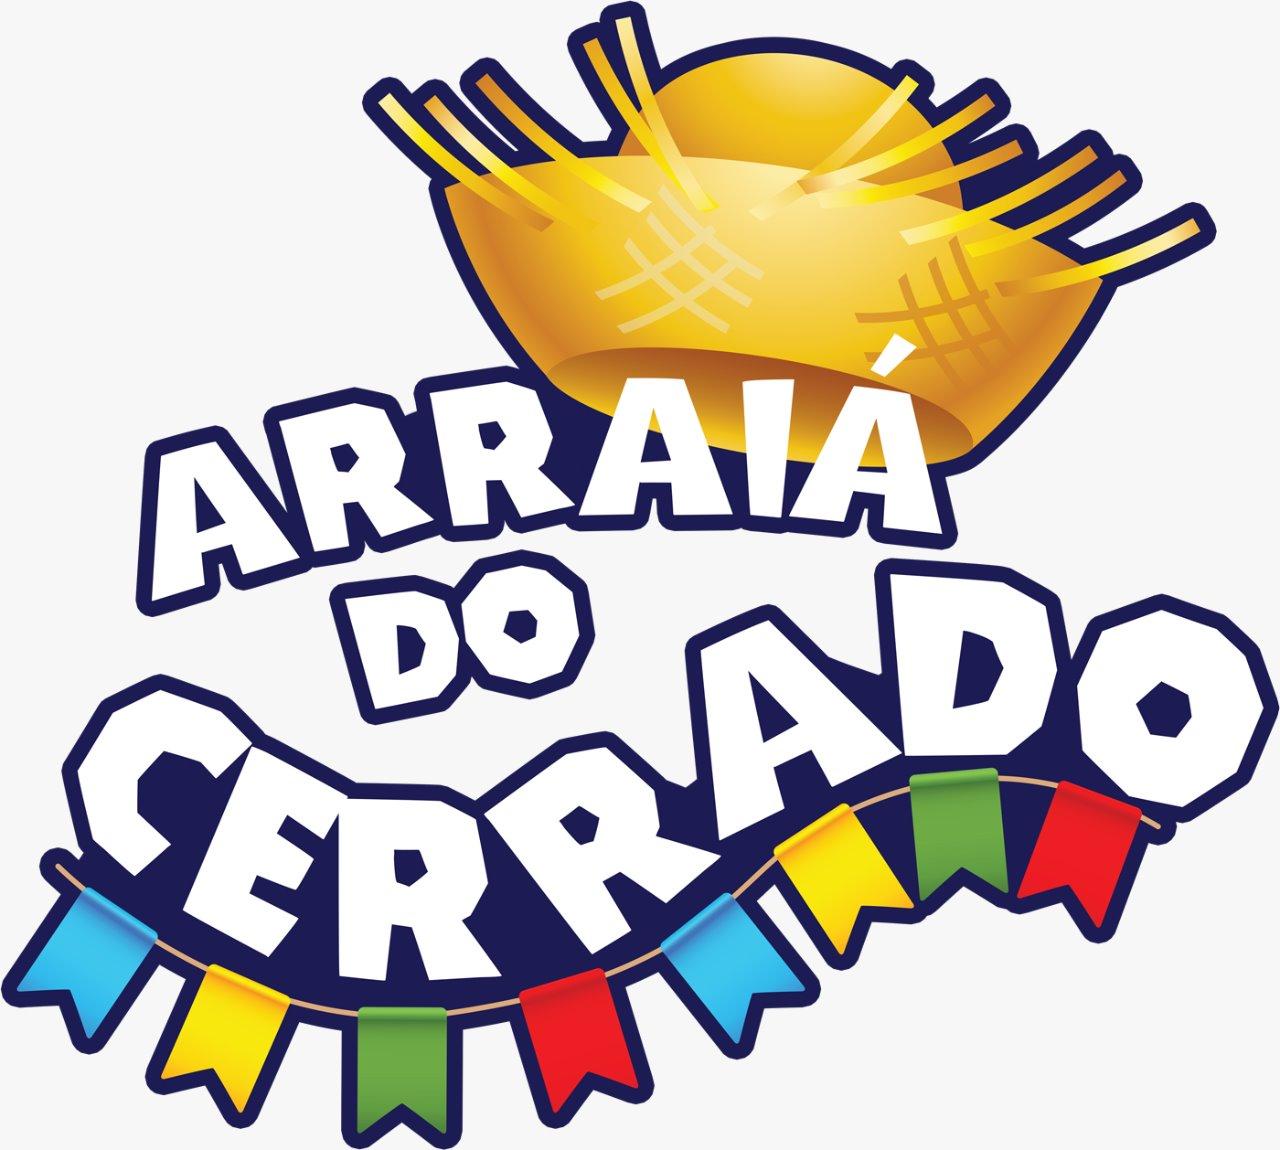 Arraiá do Cerrado chega à sua 8ª edição e será realizado no Buriti Shopping em julho